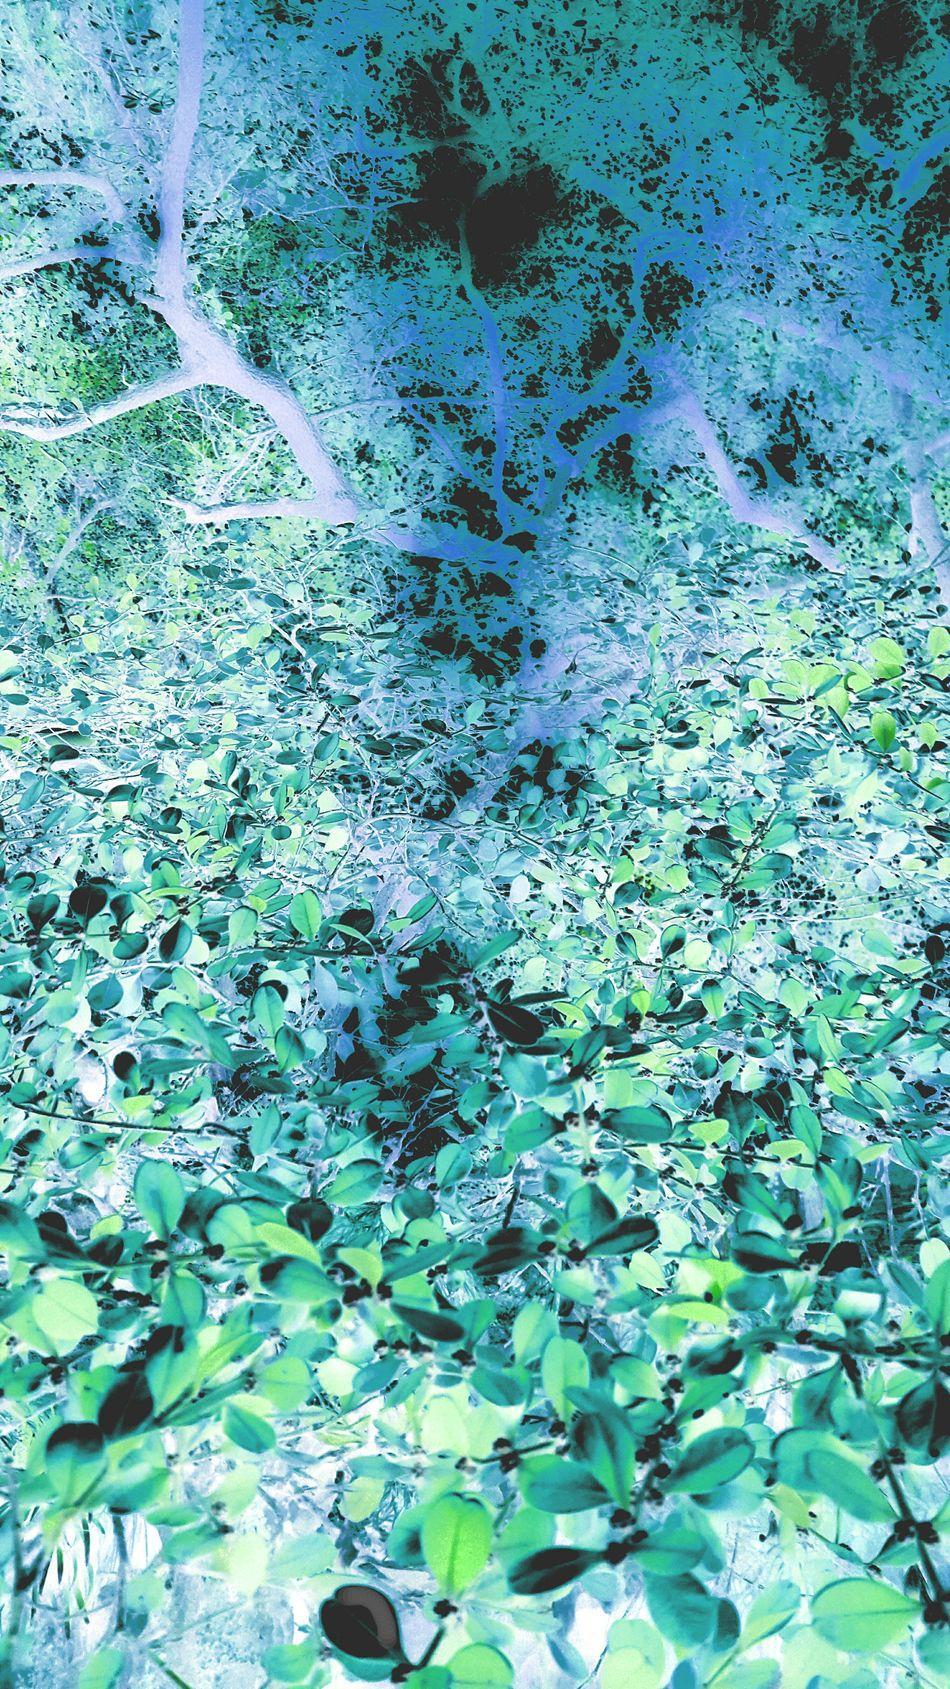 苏州 Hanging Out 富士 Getting Inspired Eye4photography  EyeEm Best Shots Colors Color Explosion Relaxing Taking Photos China Hello World Enjoying Life Trees 风景 EyeEm Best Shots - Nature Leaves